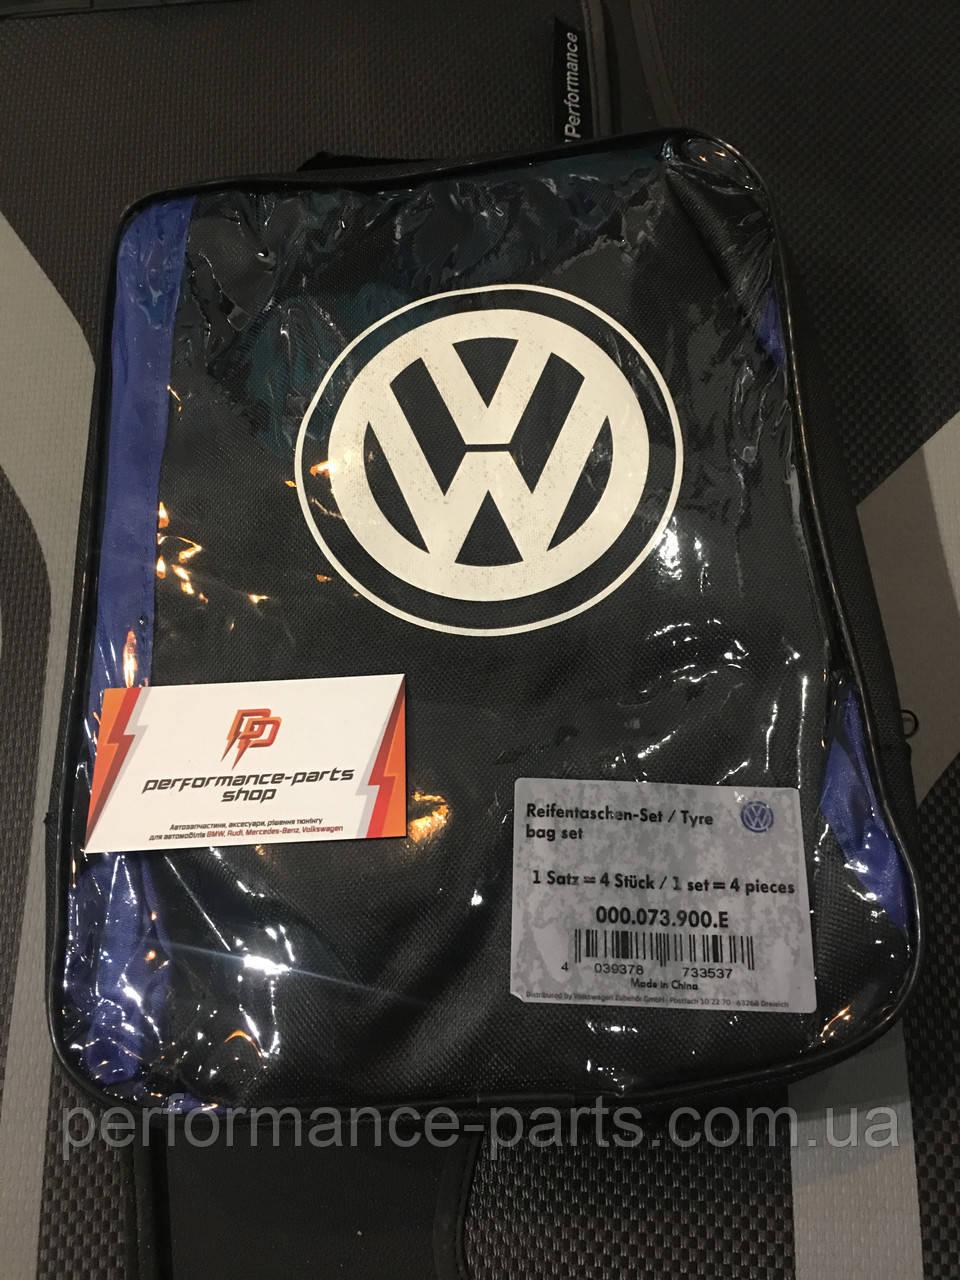 Комплект чехлов для колес кроссоверов и внедорожников Volkswagen 15-21 дюйм, артикул 000073900E